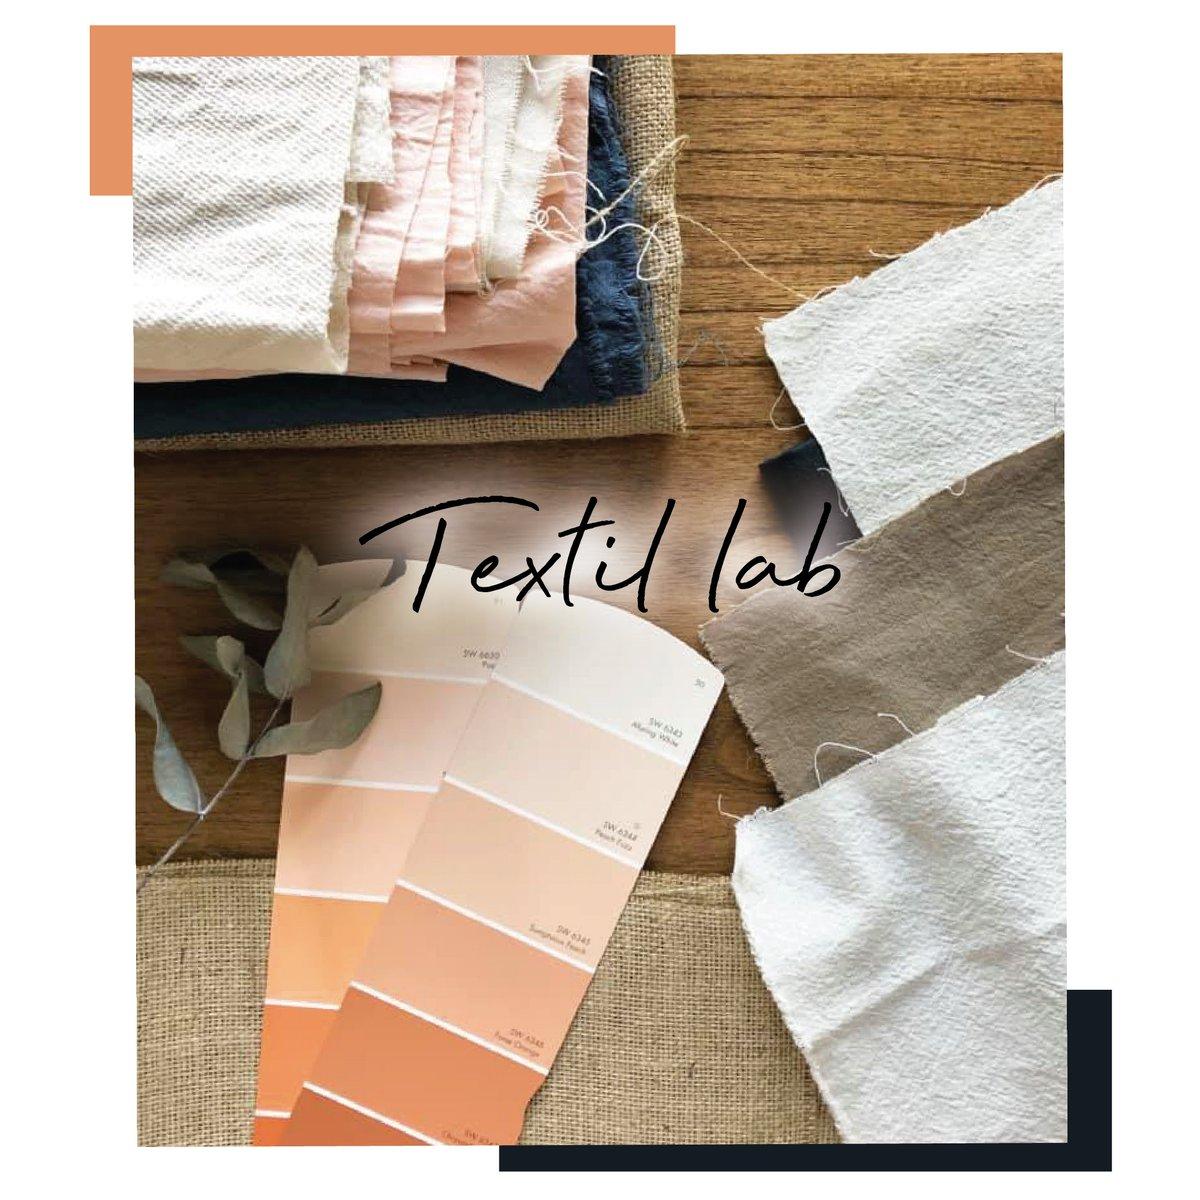 𝑡𝑒𝑥𝑡𝑖𝑙 𝑙𝑎𝑏 ¿Inspiración para renovar tus espacios? Contá con nuestro amplio surtido en #telas de tapicería, con entrega inmediata. 📍 Visitá nuestro #Showroom en San Martín 1830, Cdad. 🖱Chequeá online